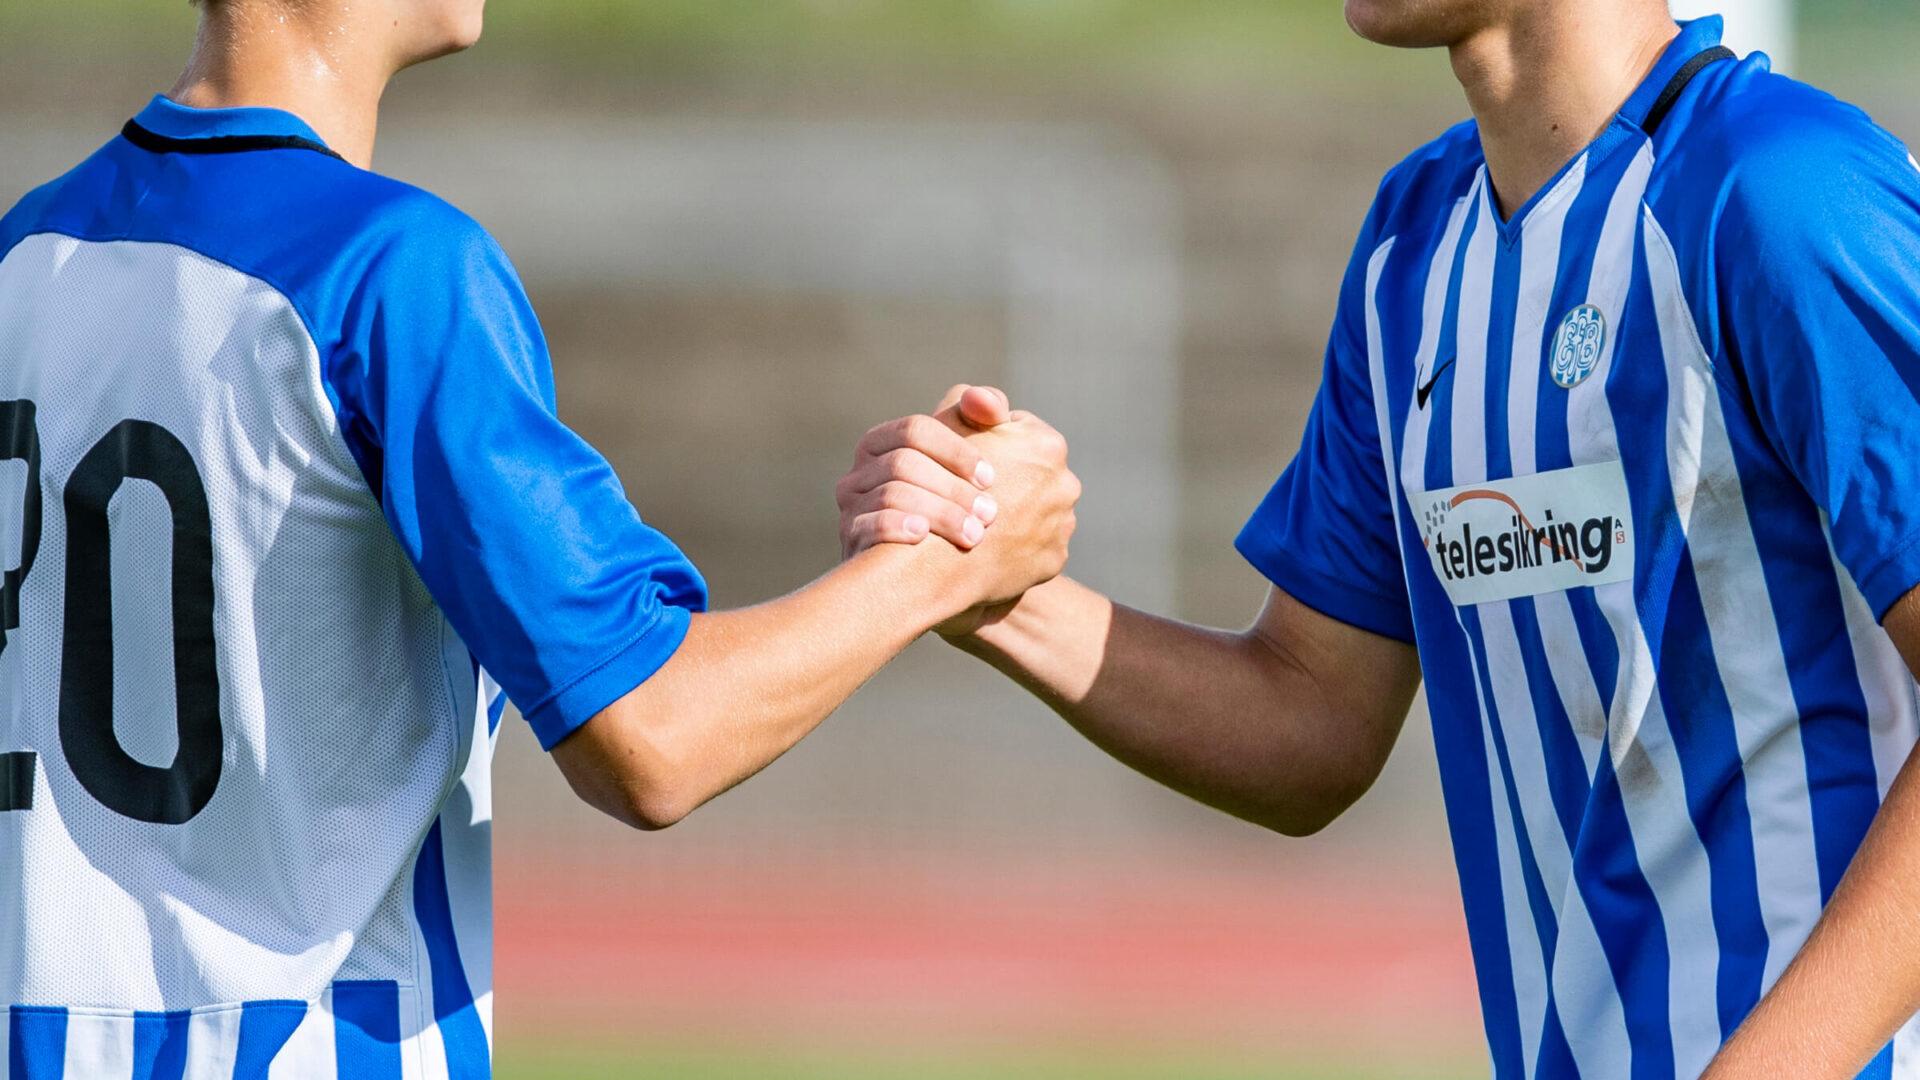 EfB søger nye og engagerede trænere til klubben